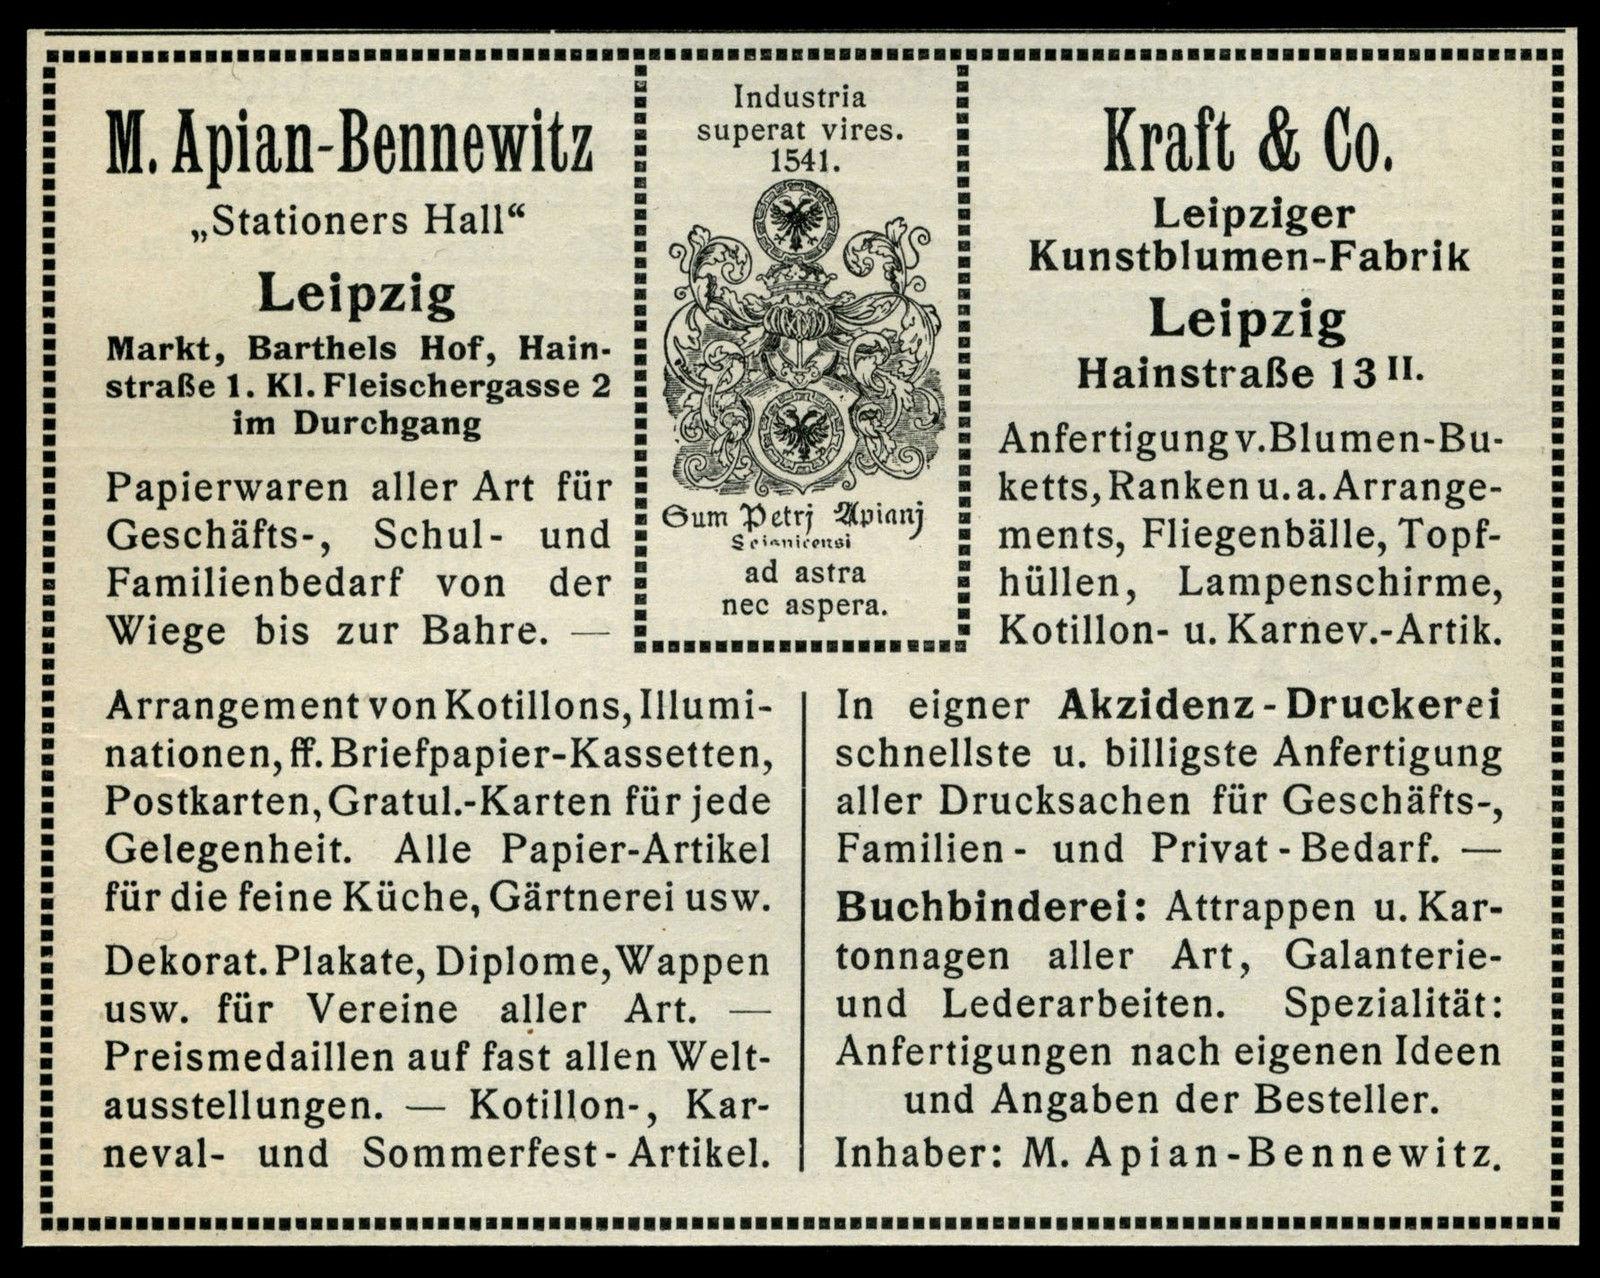 image-1929